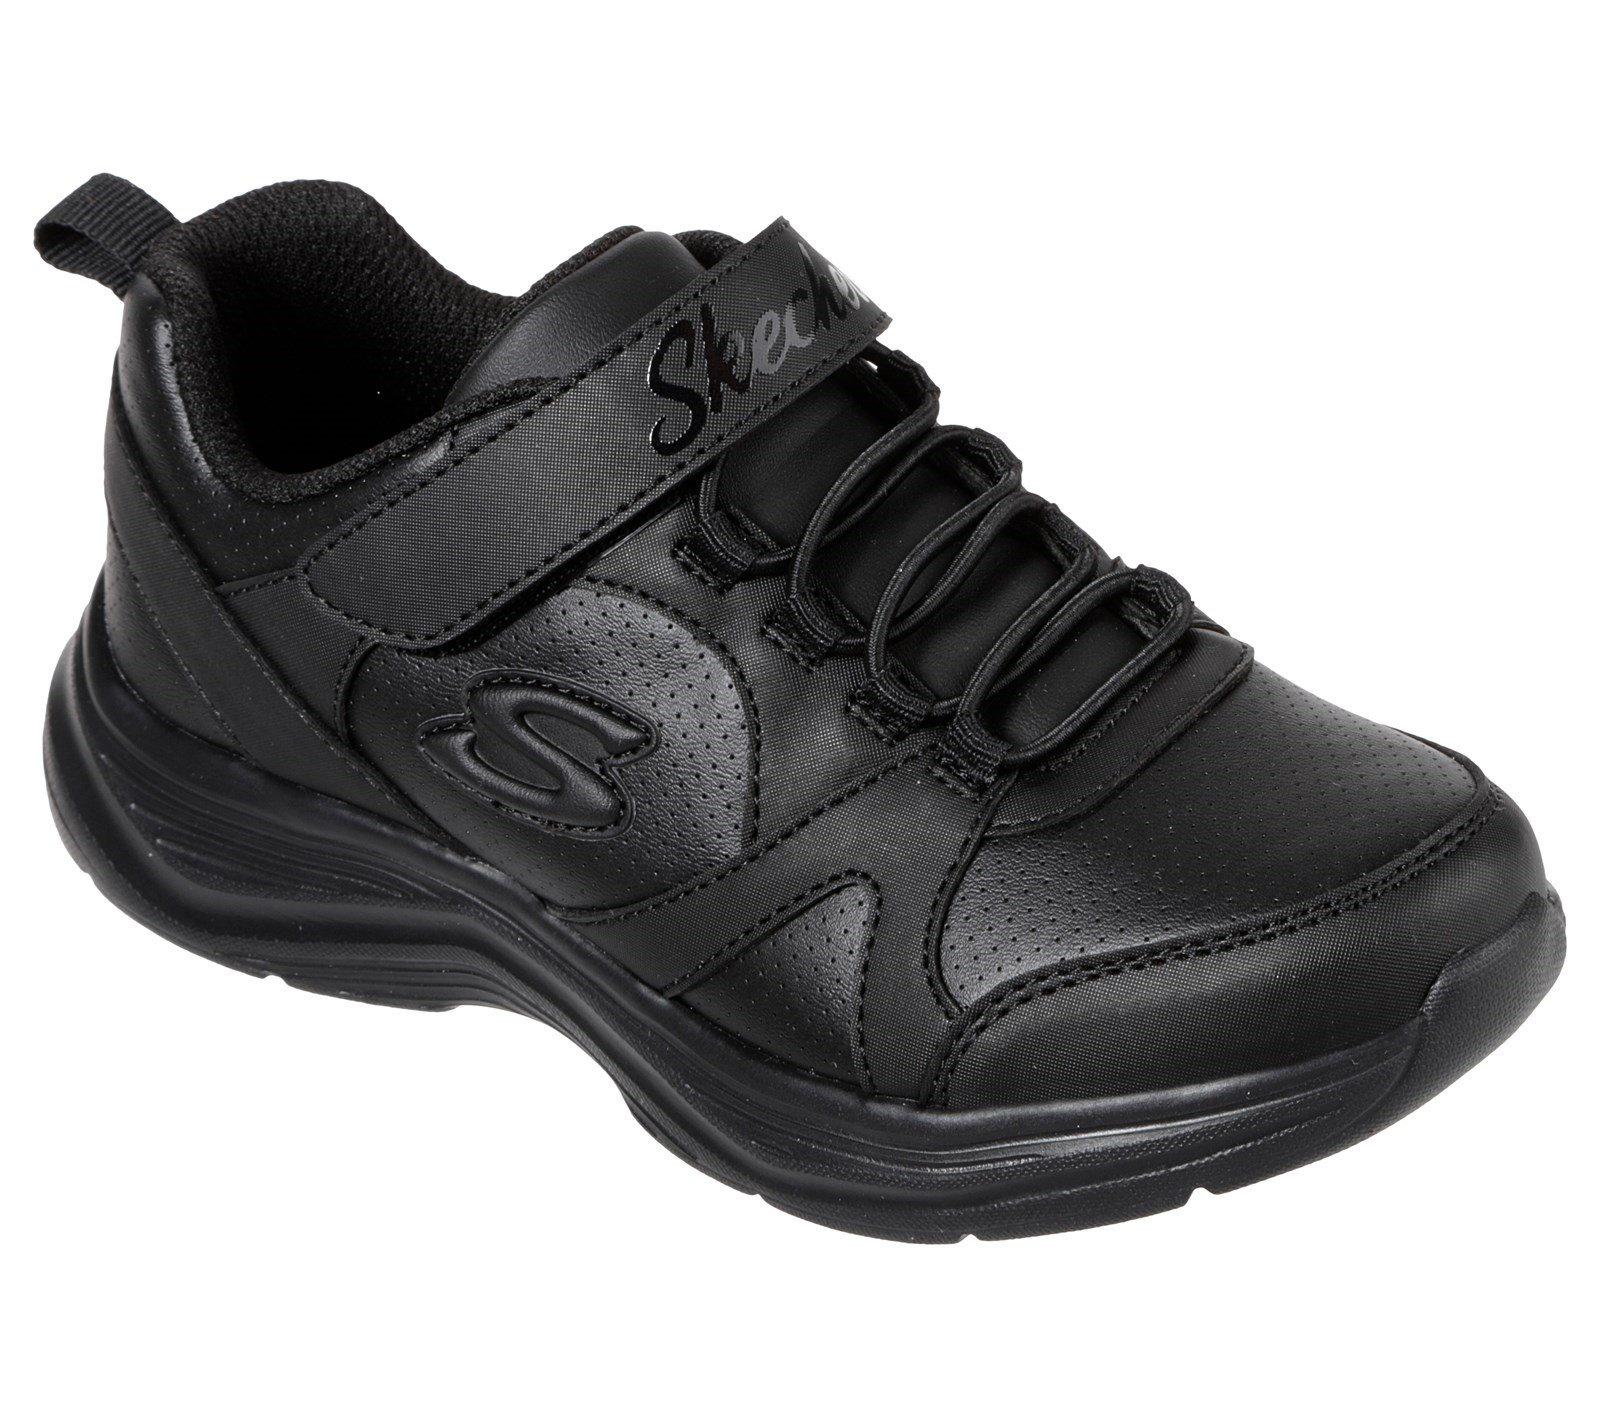 Skechers Kid's Glim-K S-Struts School Trainer Black 32520 - Black/Black 9.5